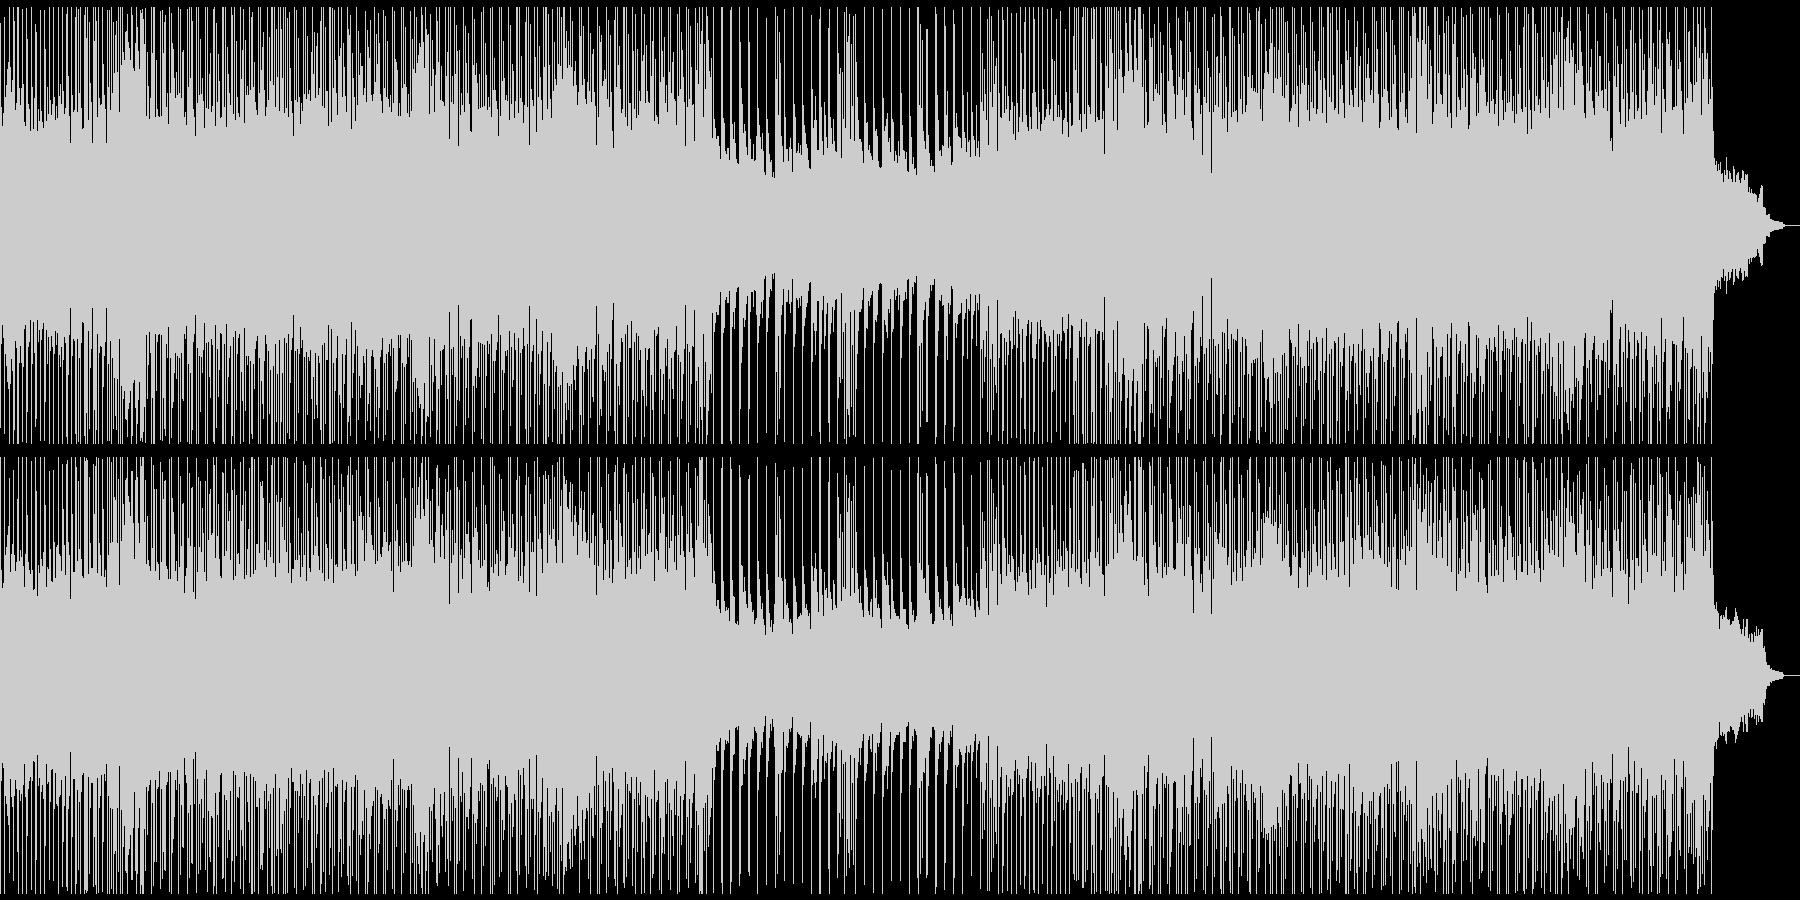 運動会/チップチューン/ゲームBGMの未再生の波形